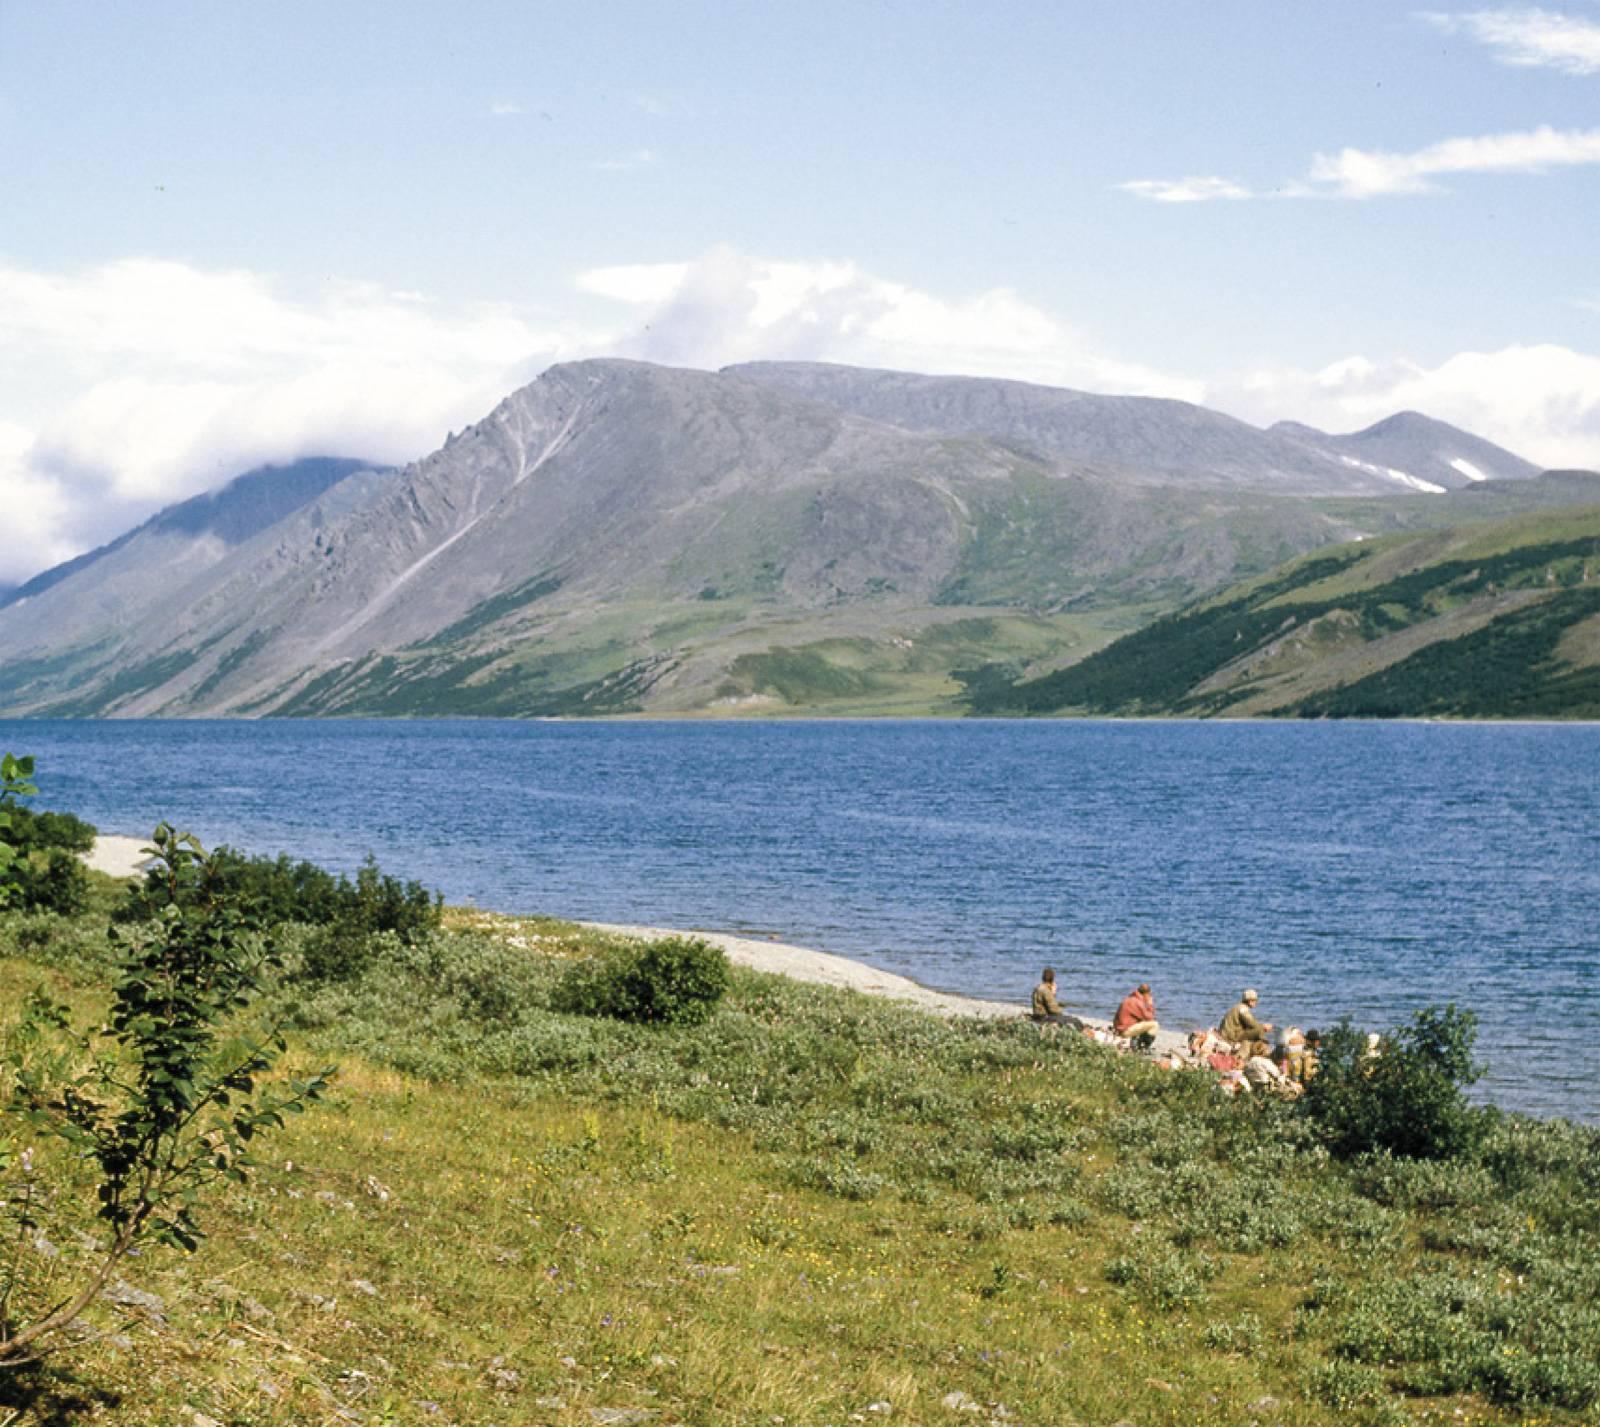 Озеро щучанское, курганская область. рыбалка, отдых, инфраструктура, фото, видео, как добраться — туристер.ру